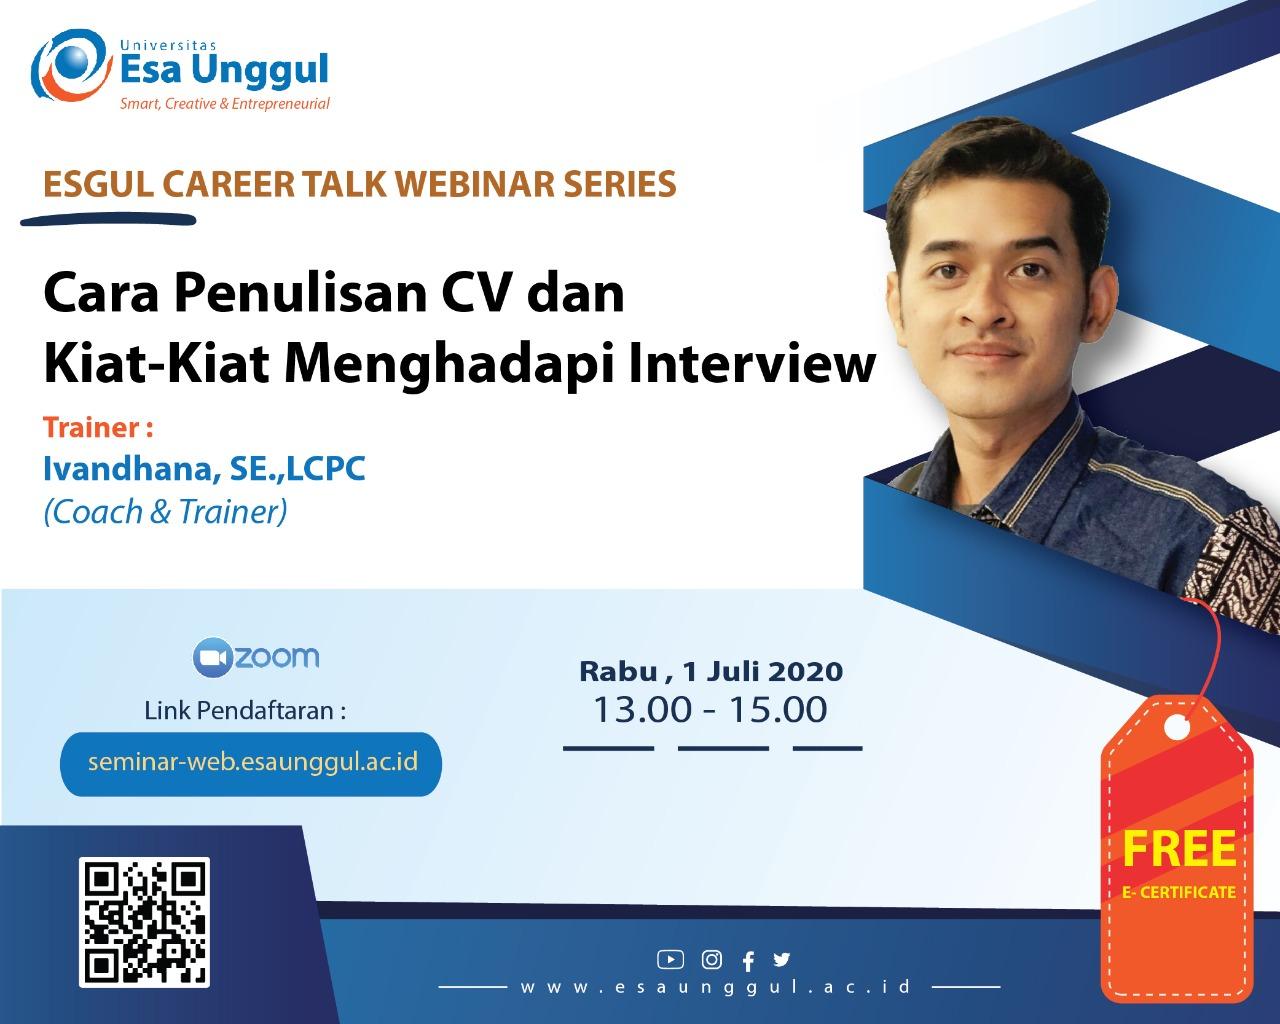 Cara Penulisan CV dan Kiat-Kiat Menghadapi Interview